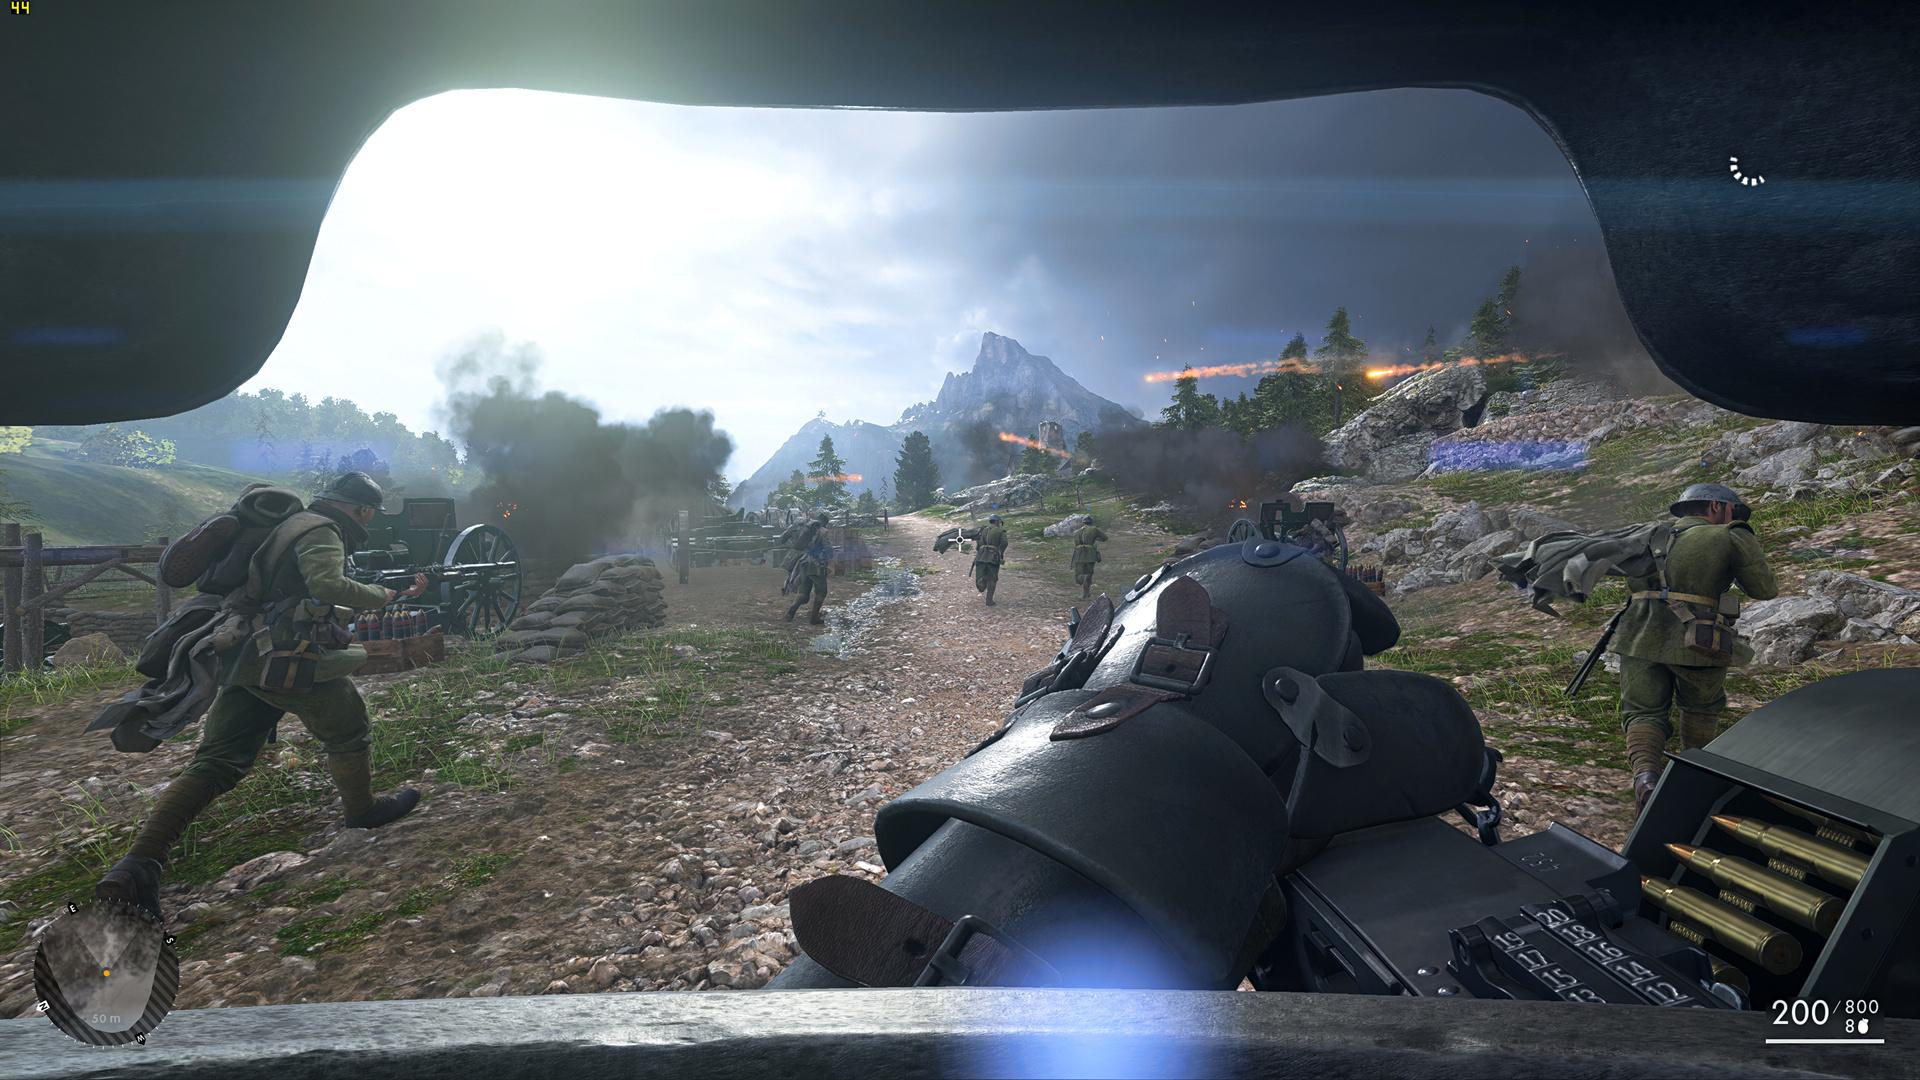 Radeon RX Vega 64 im Test: Schnell und durstig mit Potenzial - Benchmark-Szene von Battlefield  (Screenshot: Marc Sauter/Golem.de, Rechteinhaber: EA)